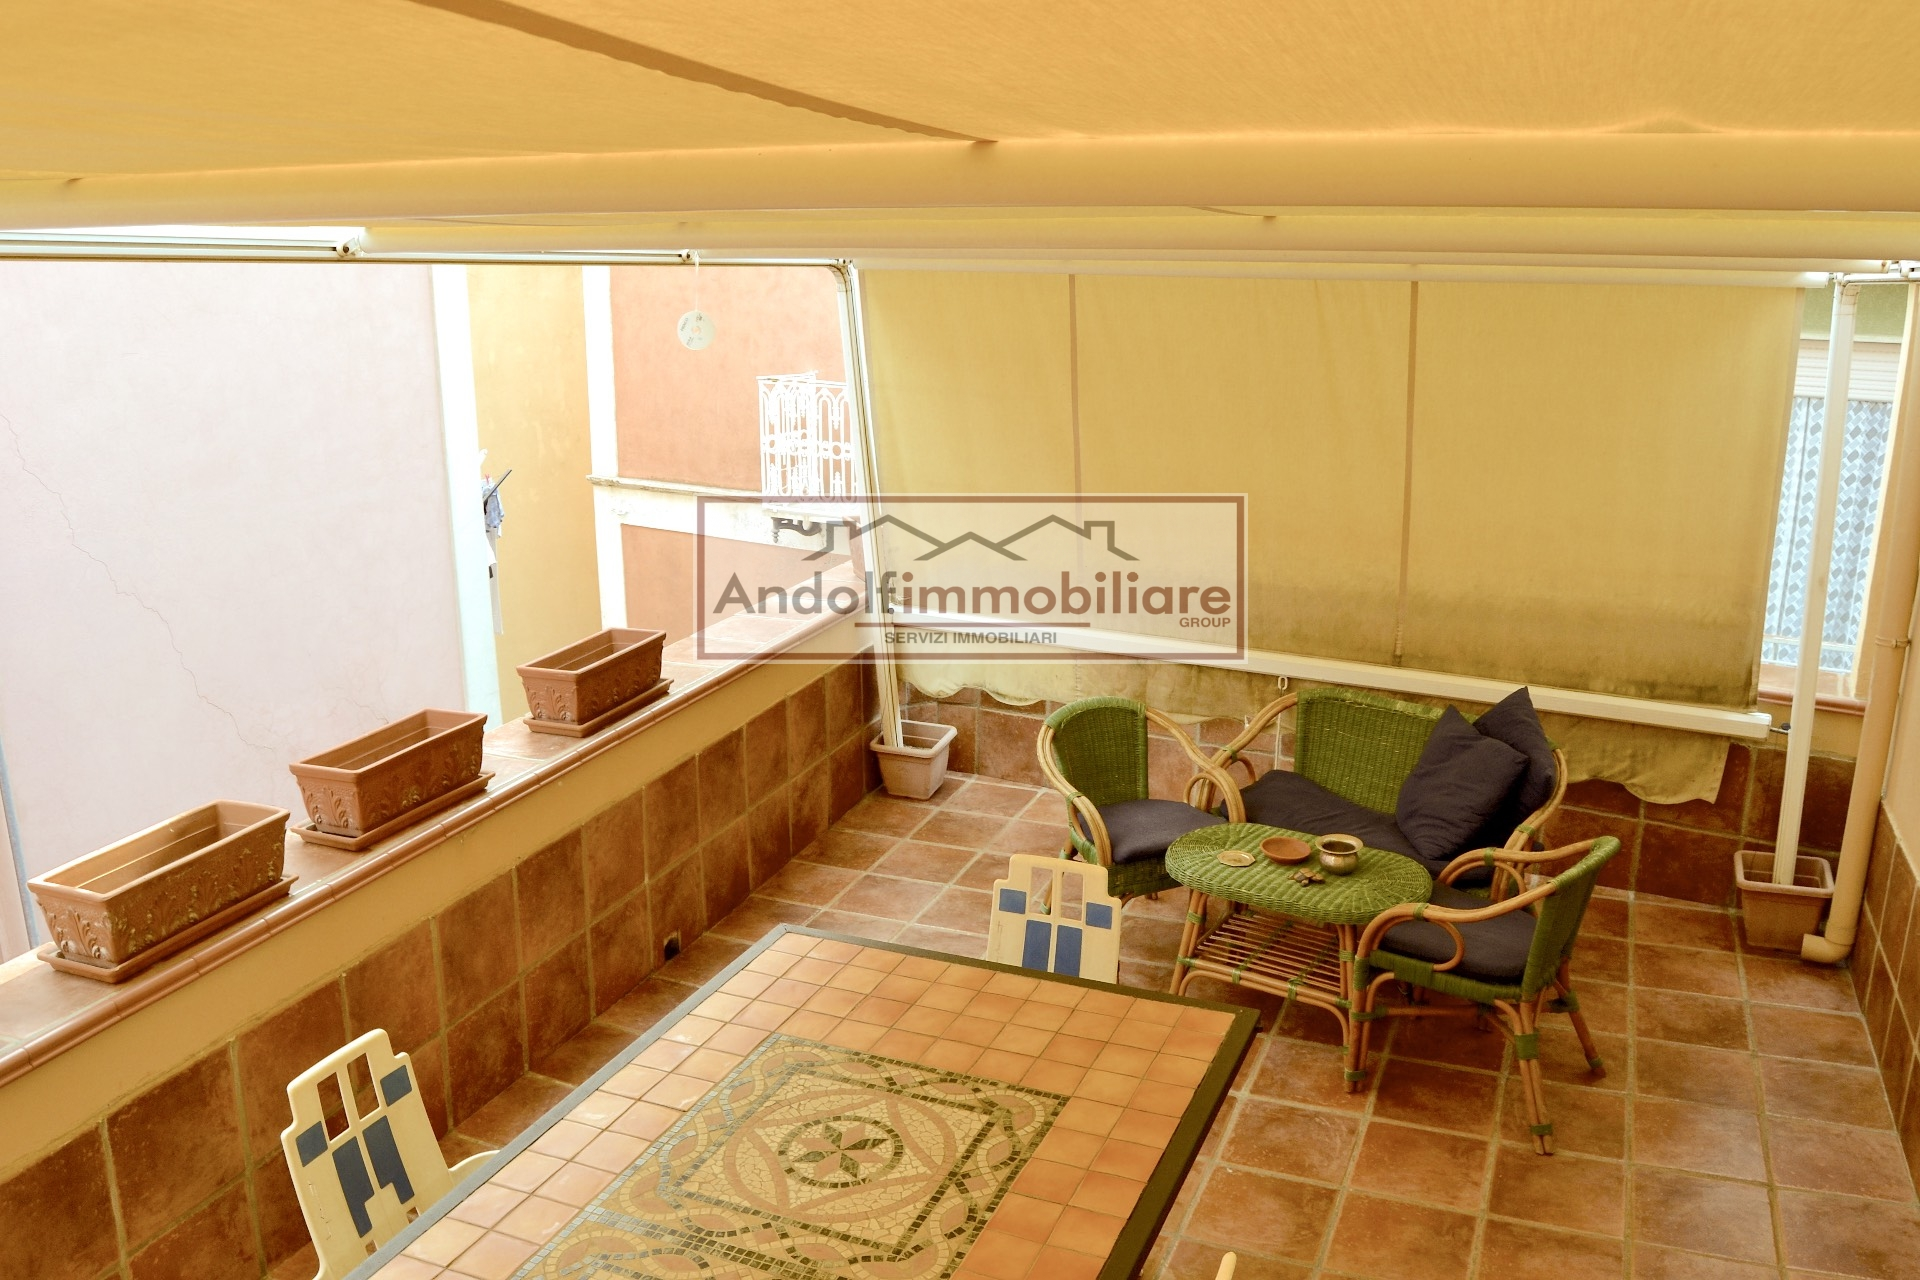 Gaeta Villa delle Sirene, appartamento con terrazzo a livello in vendita.